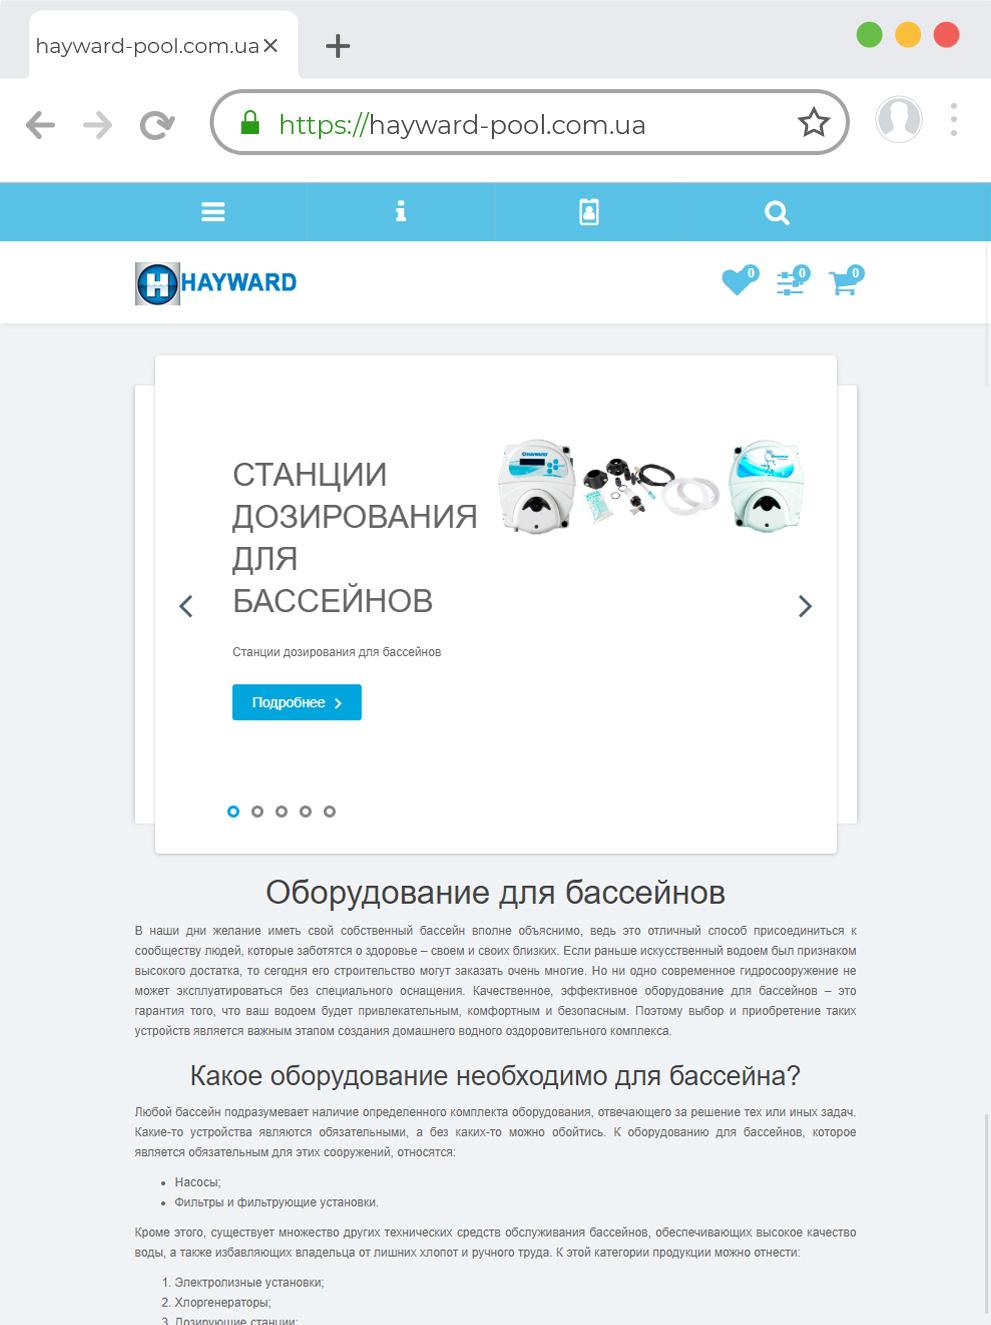 Разработка интернет магазина на Opencart 2 по продаже оборудования для бассейнов